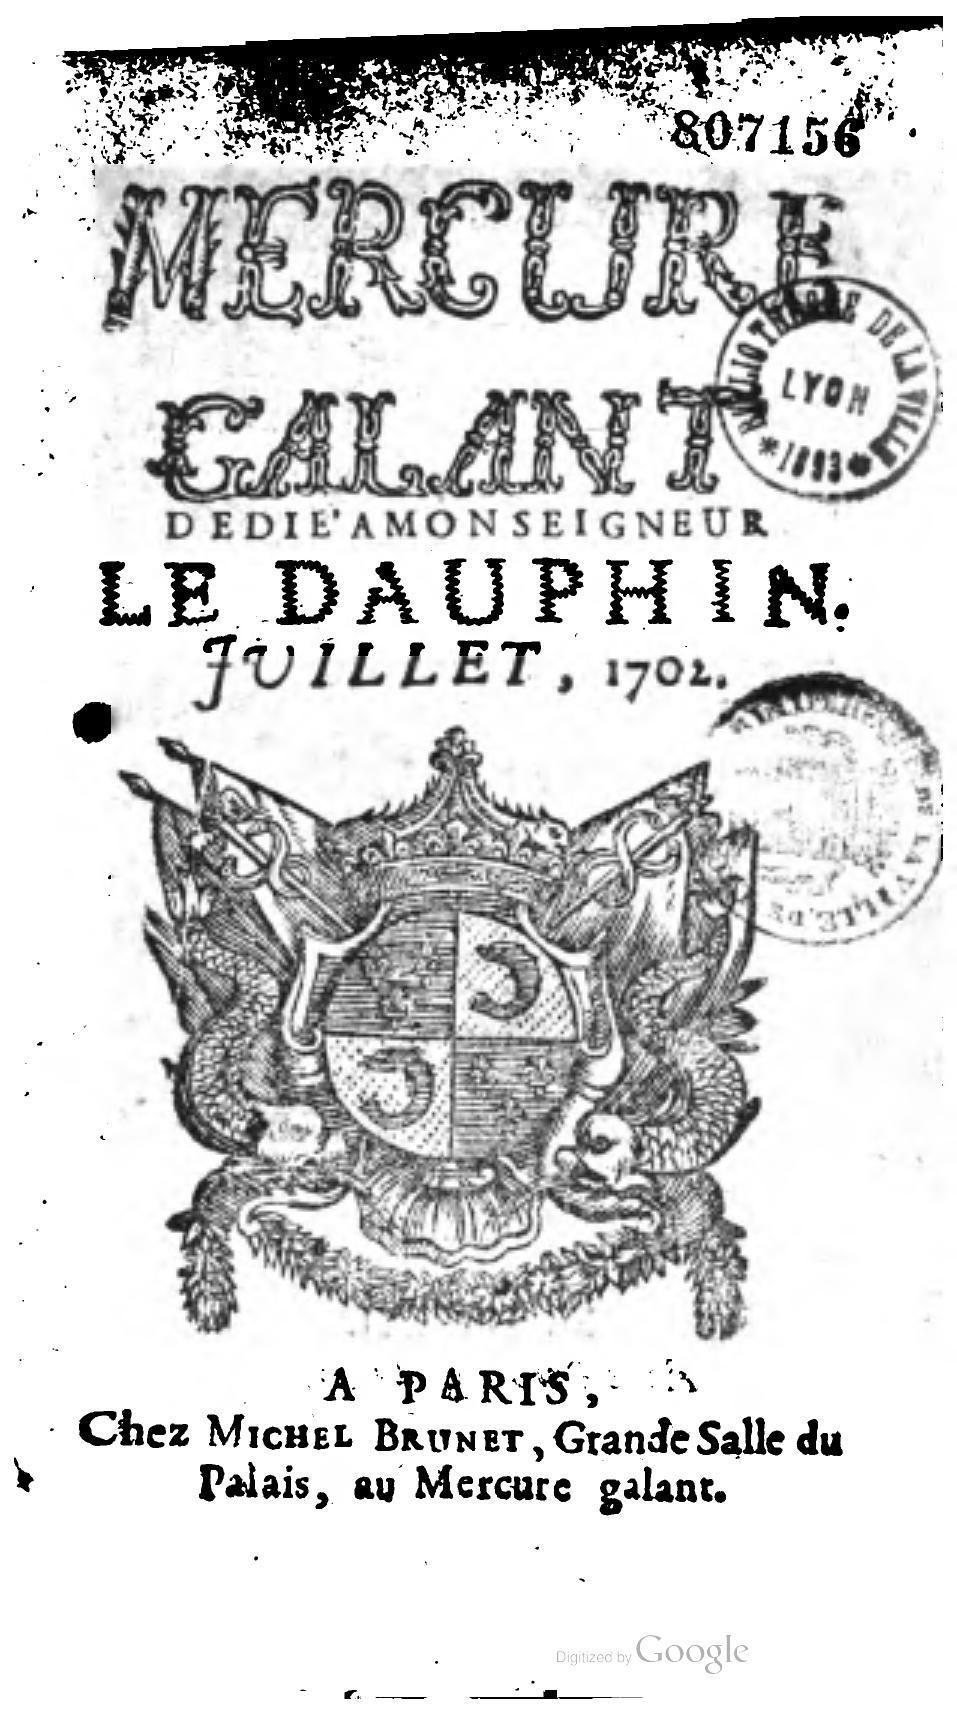 """Publicación """"Mercure Galant """" 1702"""